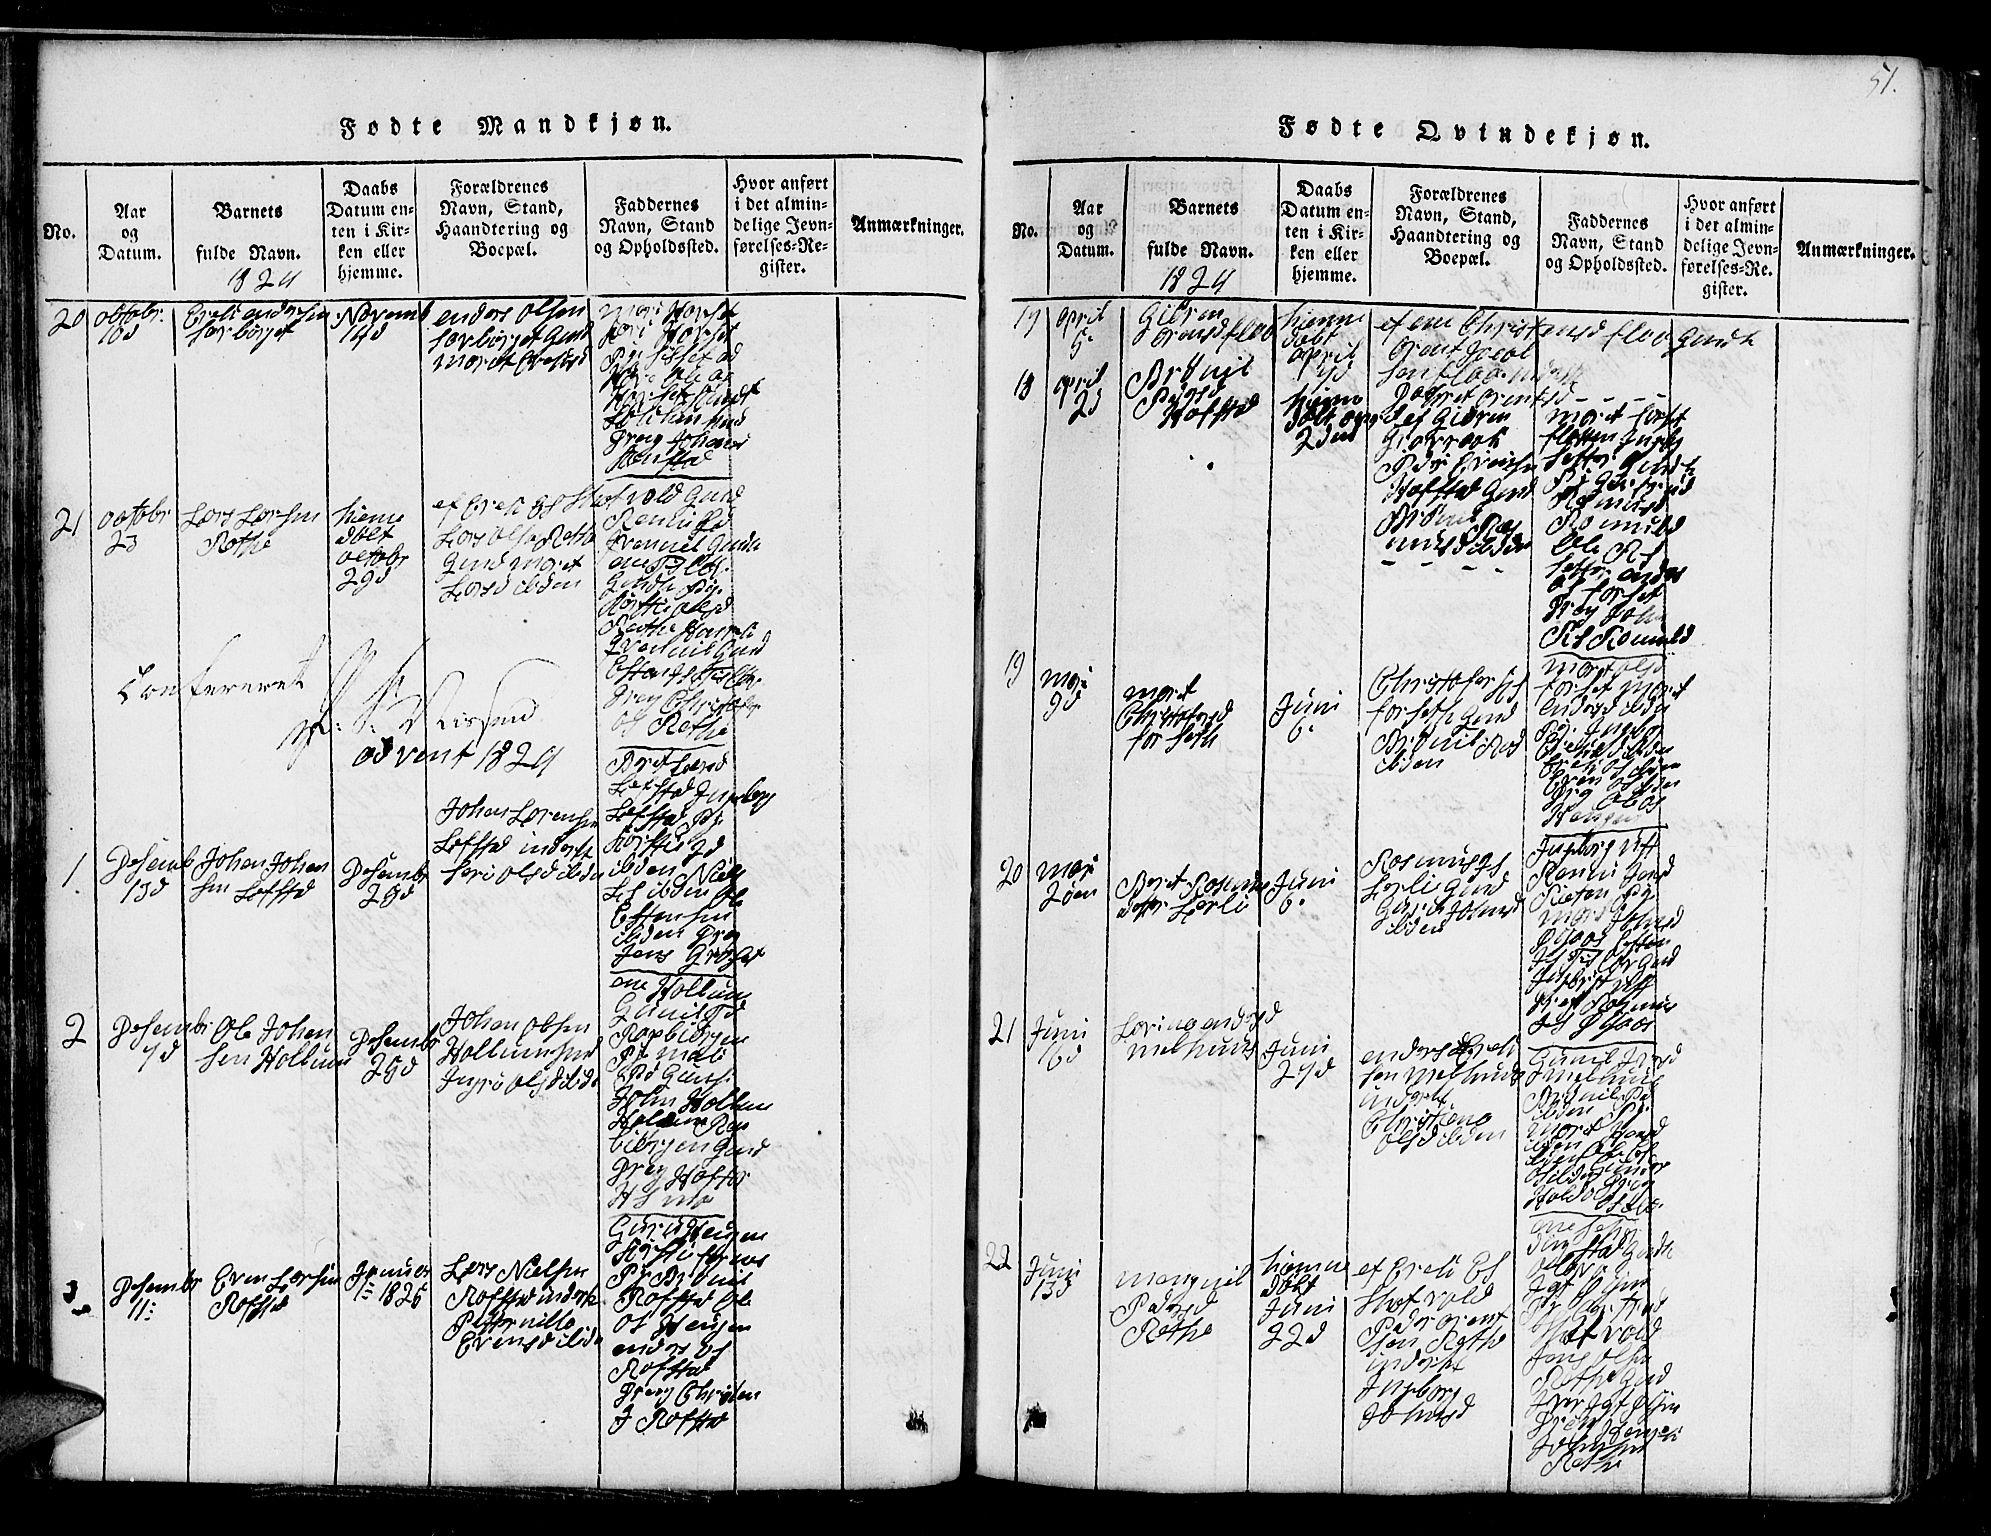 SAT, Ministerialprotokoller, klokkerbøker og fødselsregistre - Sør-Trøndelag, 691/L1092: Klokkerbok nr. 691C03, 1816-1852, s. 51